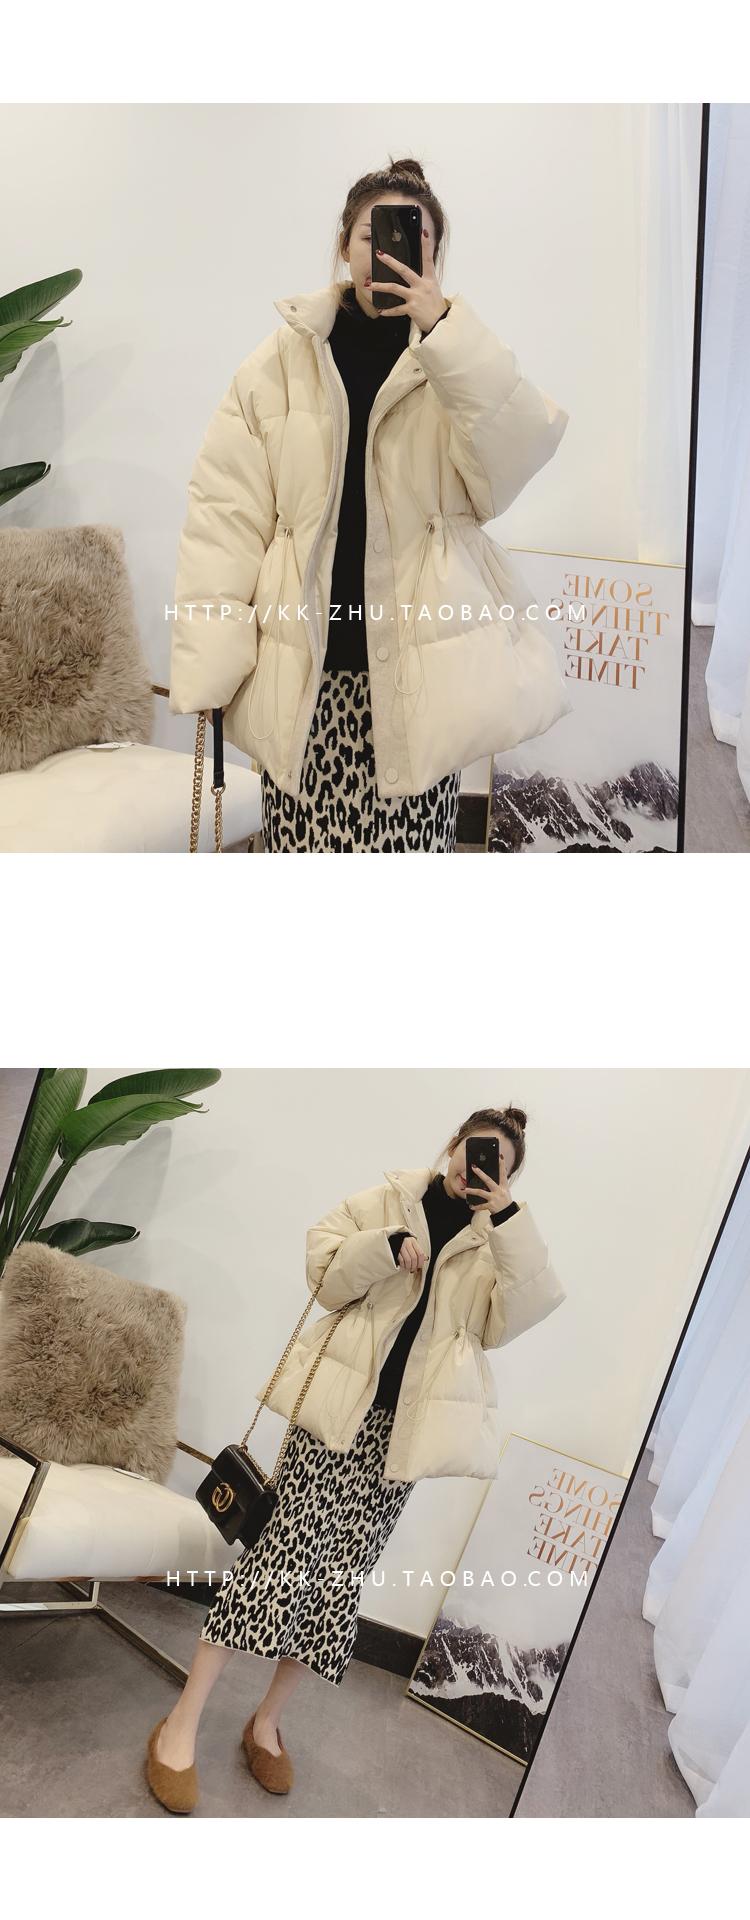 冬季必備!時尚品牌推「羽絨禮服」主打保暖功能 網一看「超前衛設計」傻眼